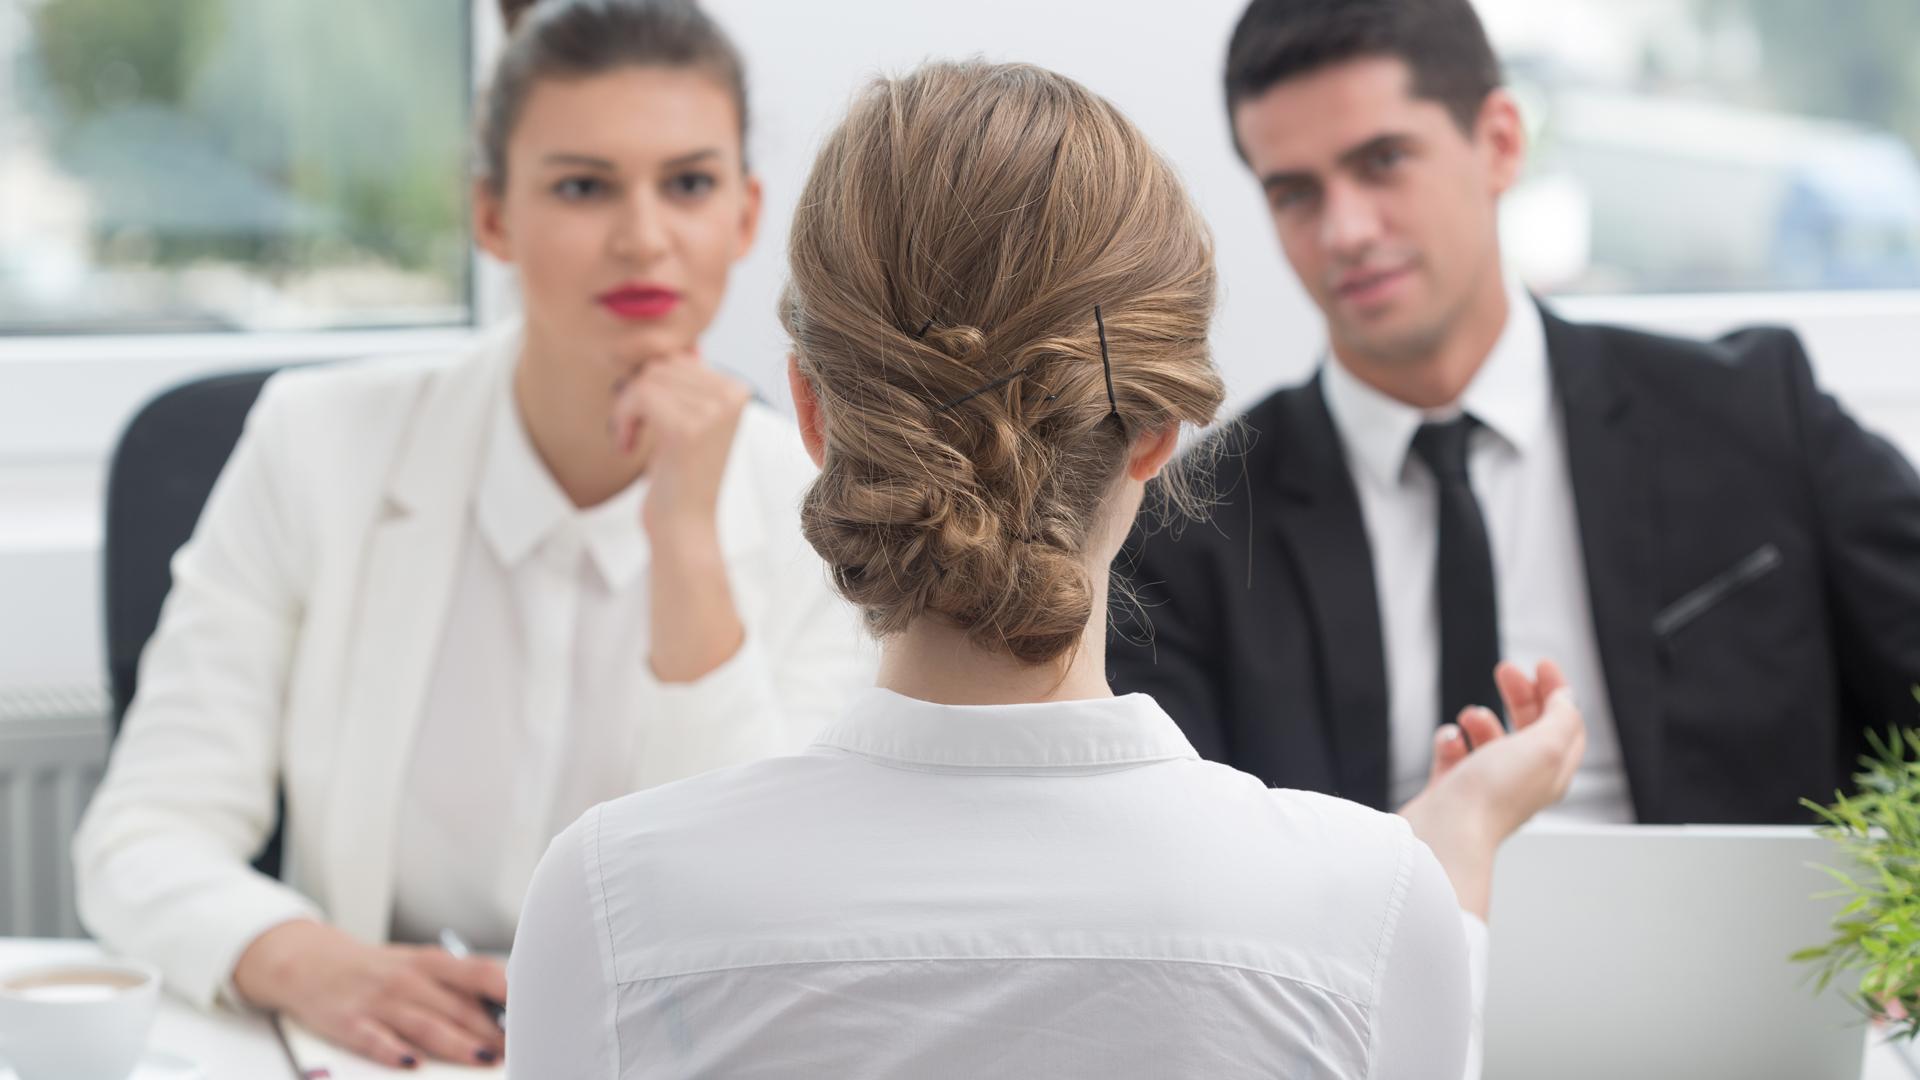 El Curriculum Vitae es la presentación escrita de los logros de la persona (Getty Images)